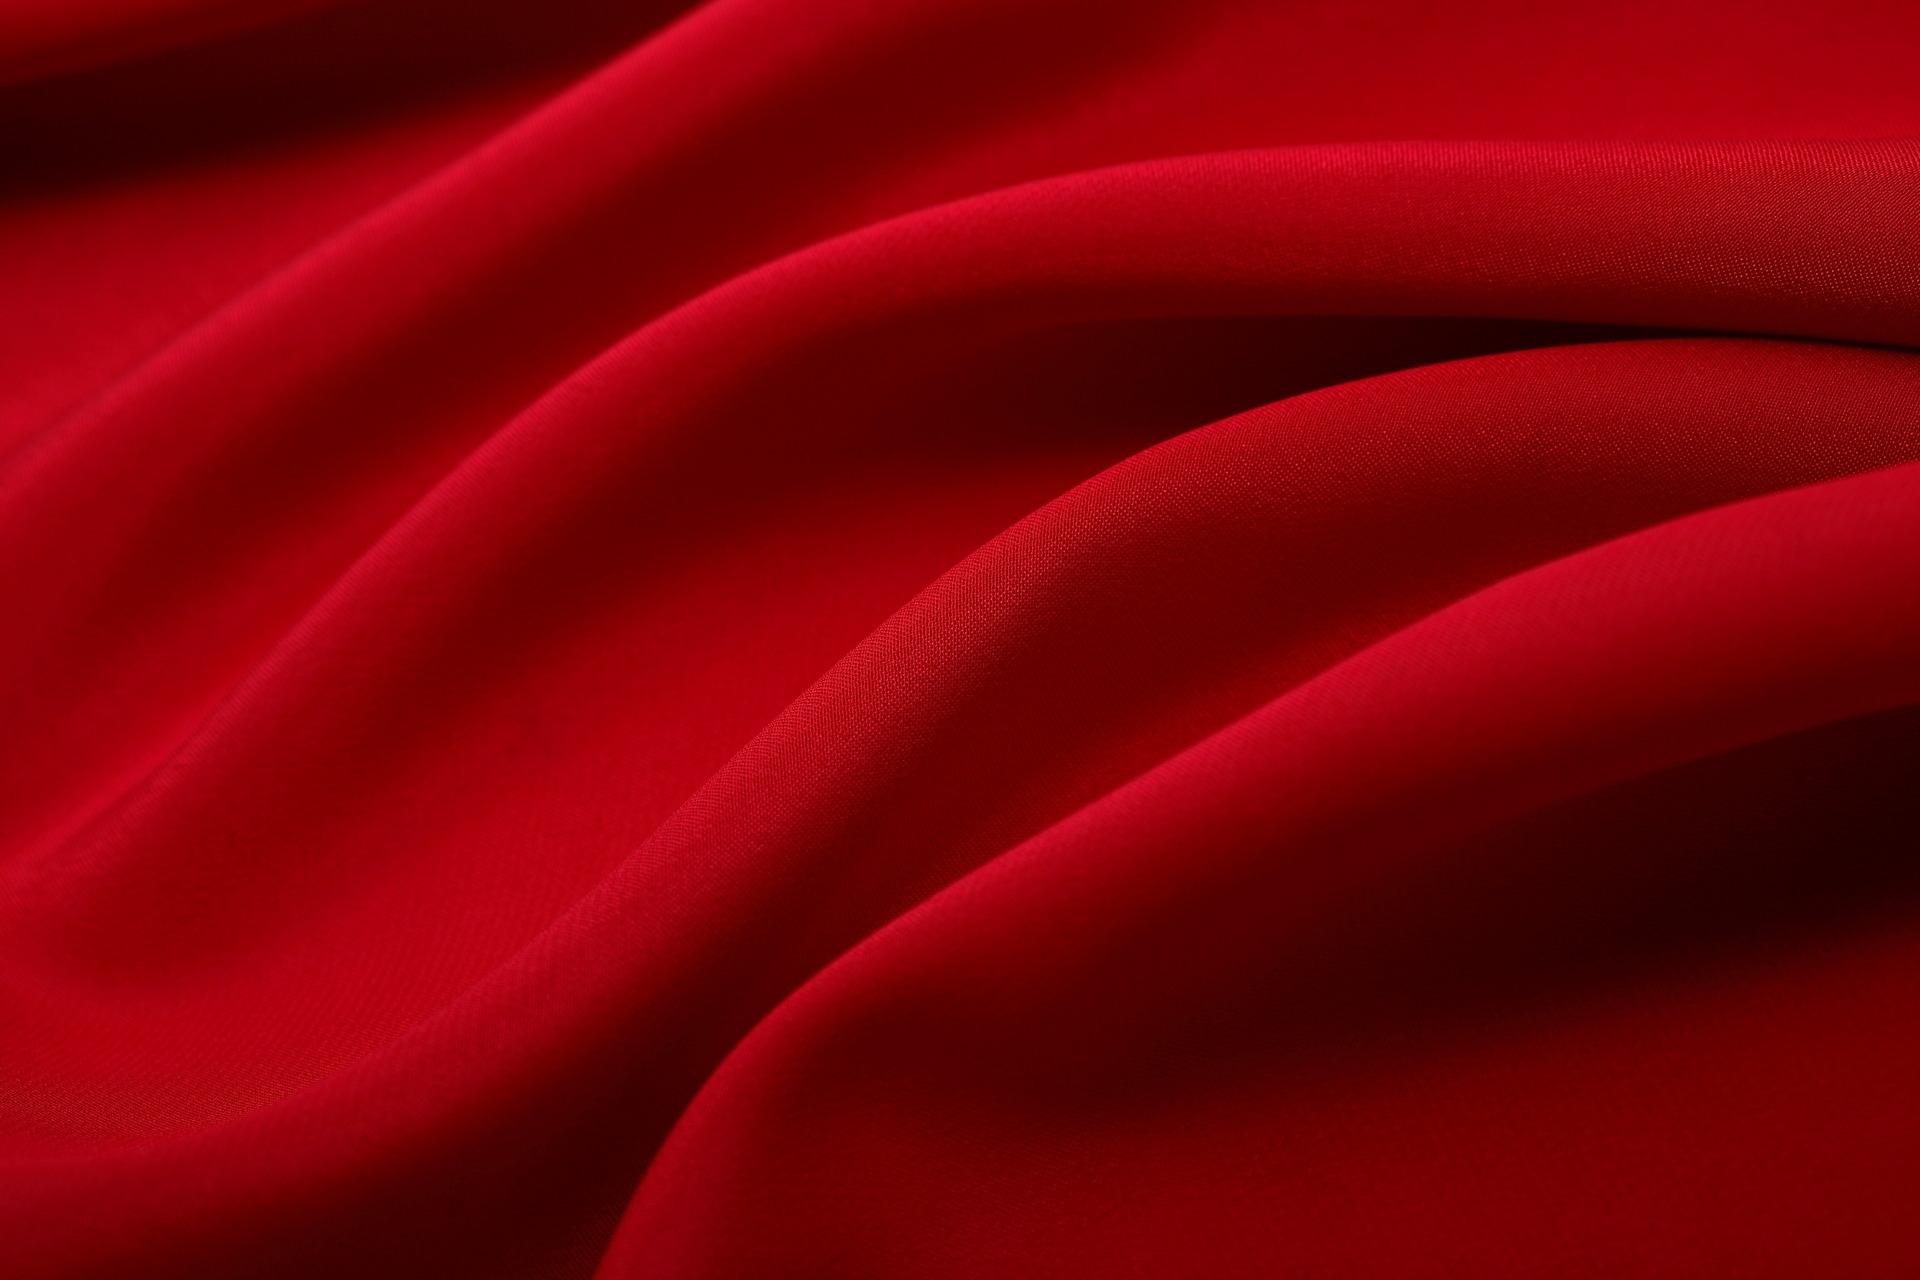 картинка красивая нейтральная красная кого интересует подобный